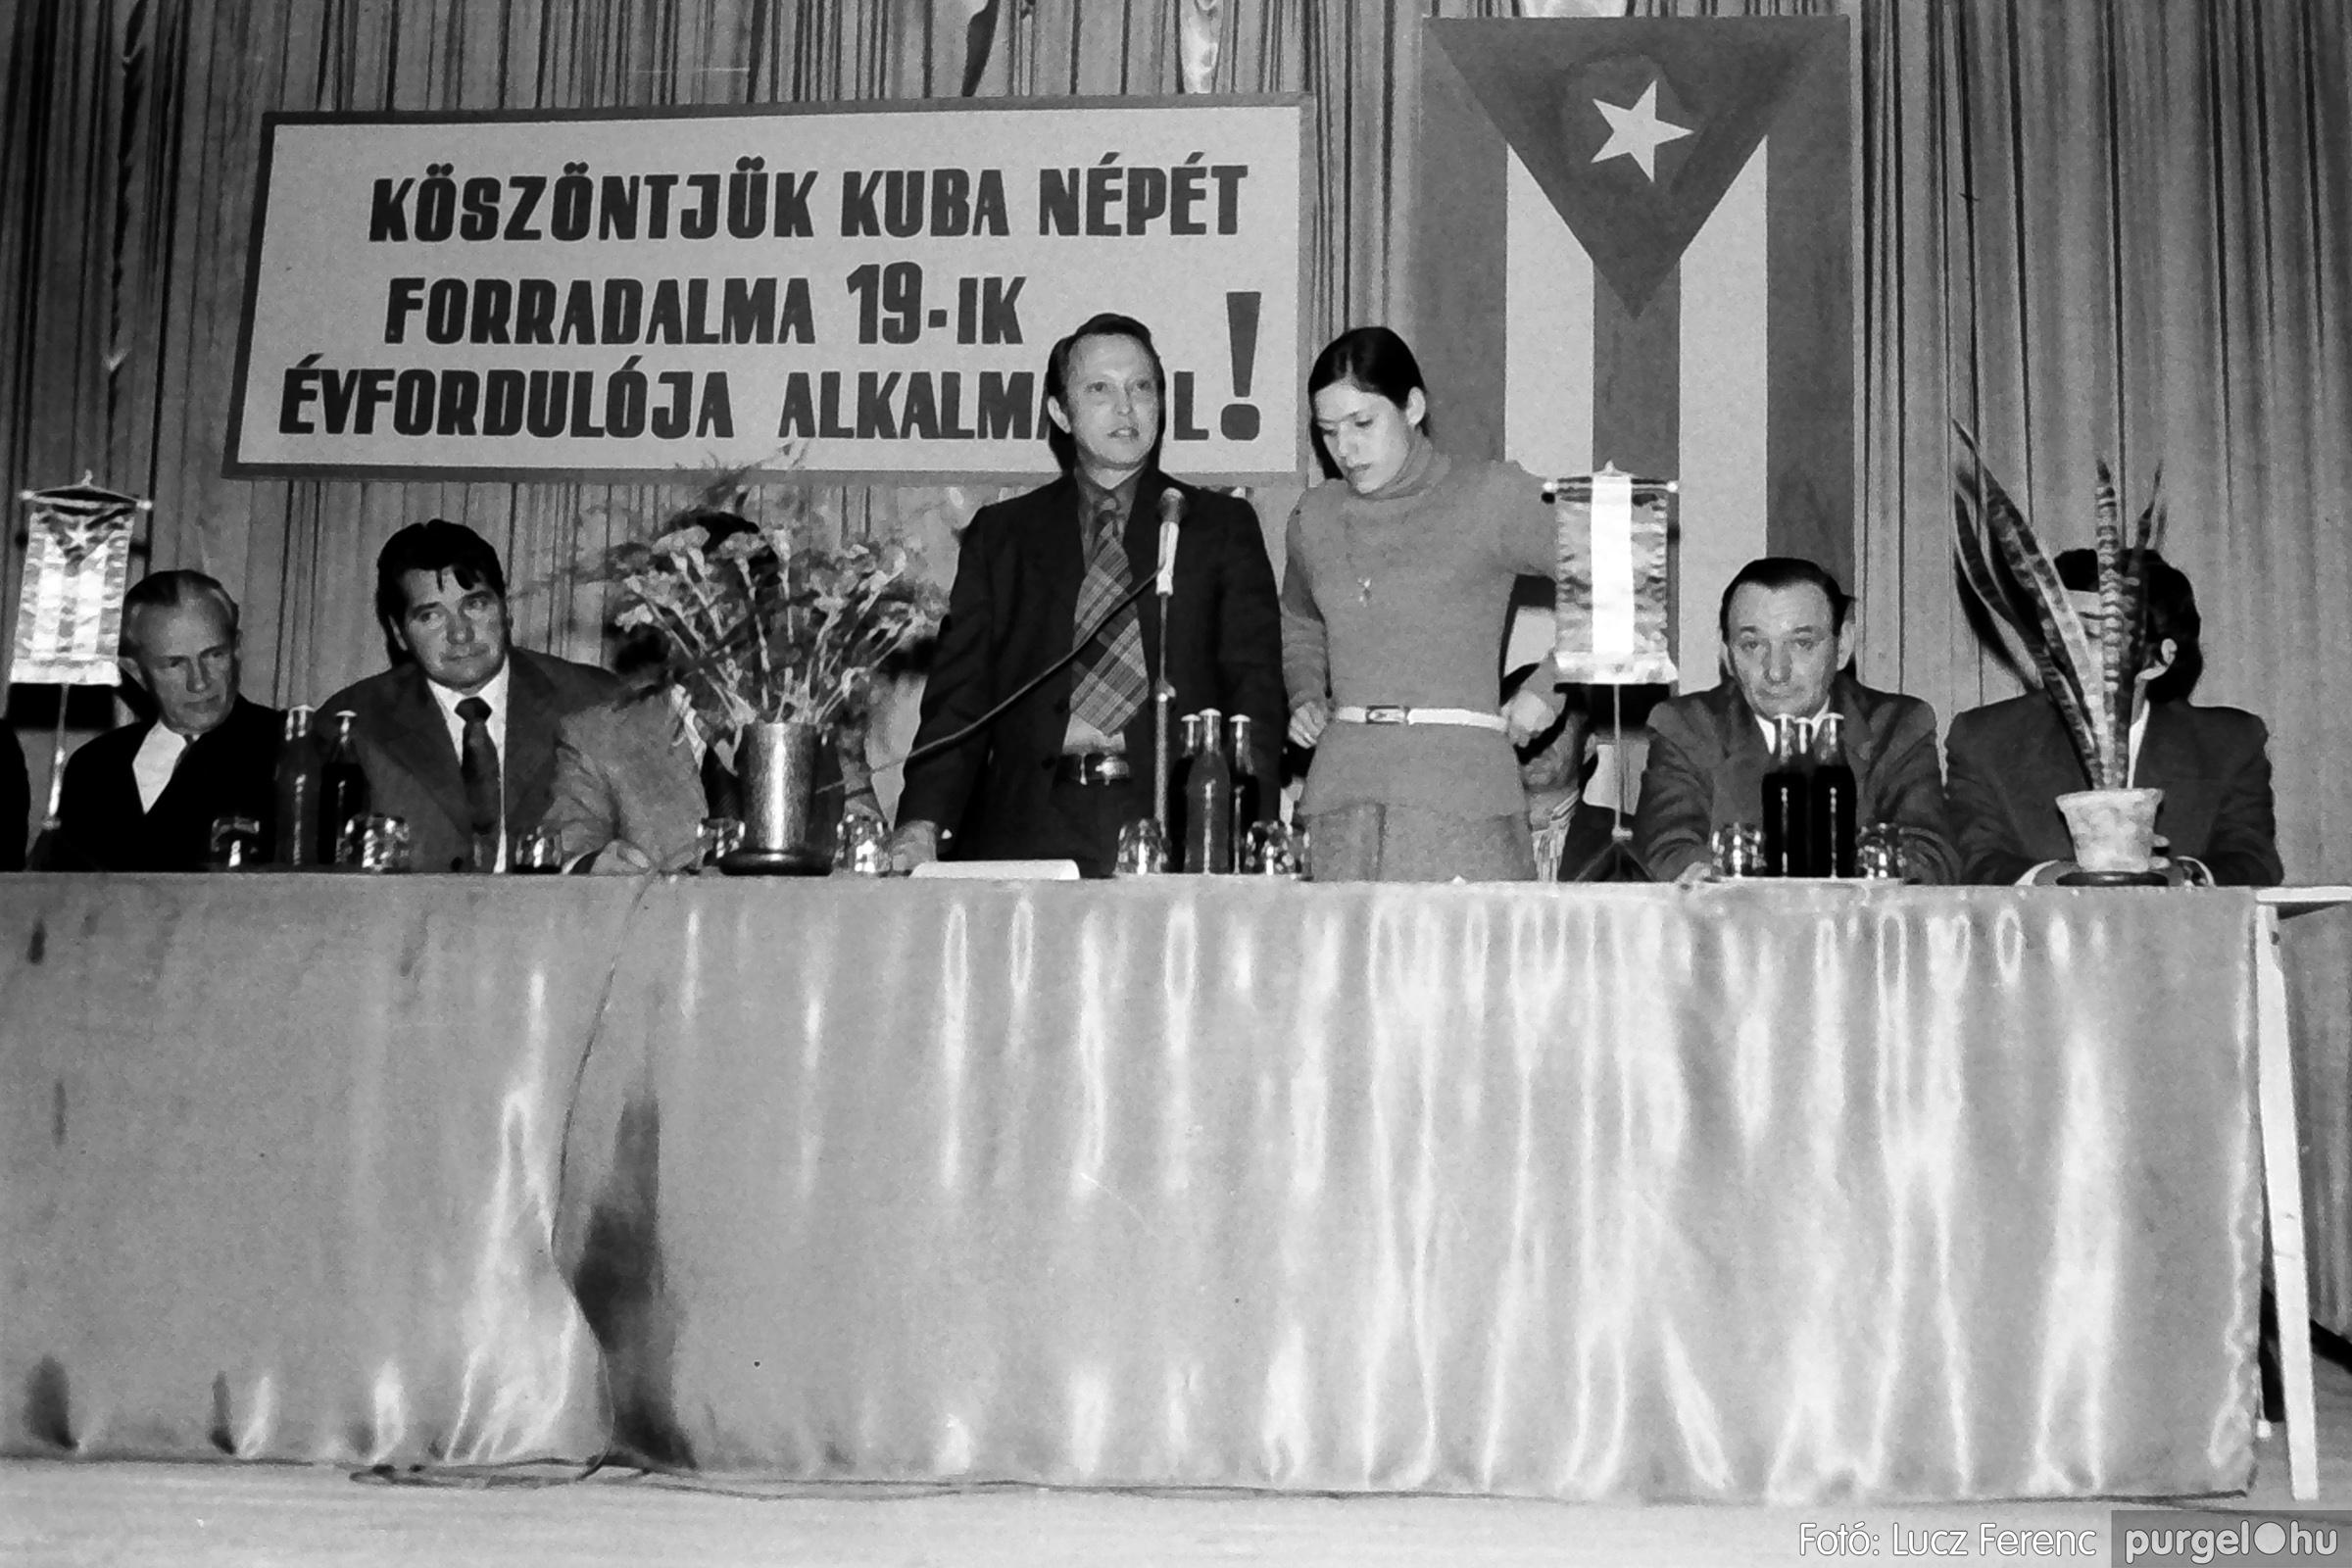 100. 1978. Köszöntjük Kuba népét! 005. - Fotó: Lucz Ferenc.jpg